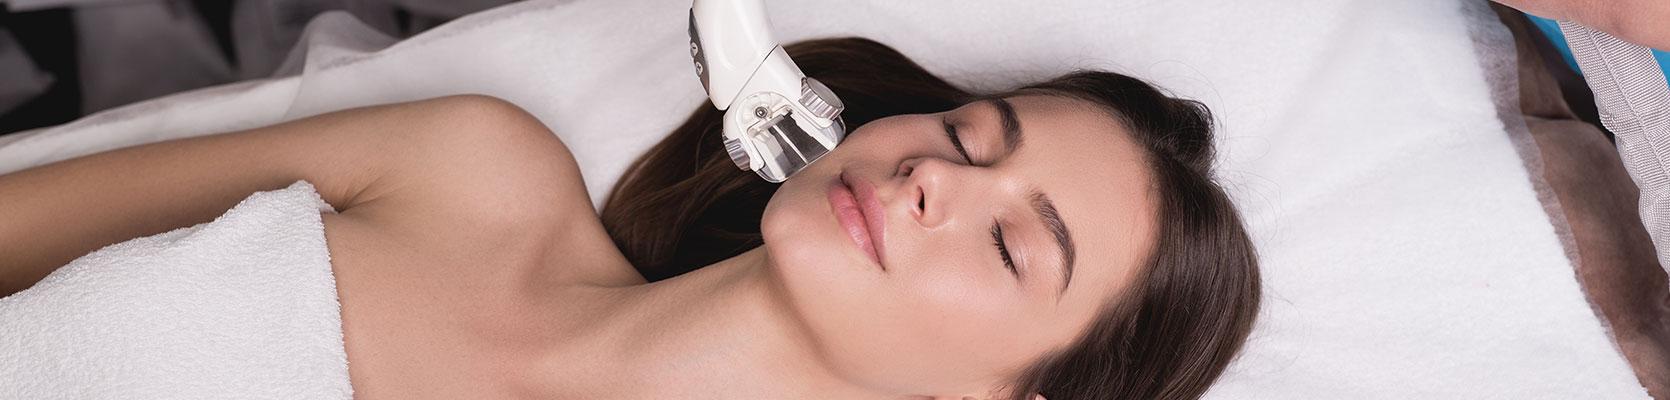 Les soins LPG pour le visage